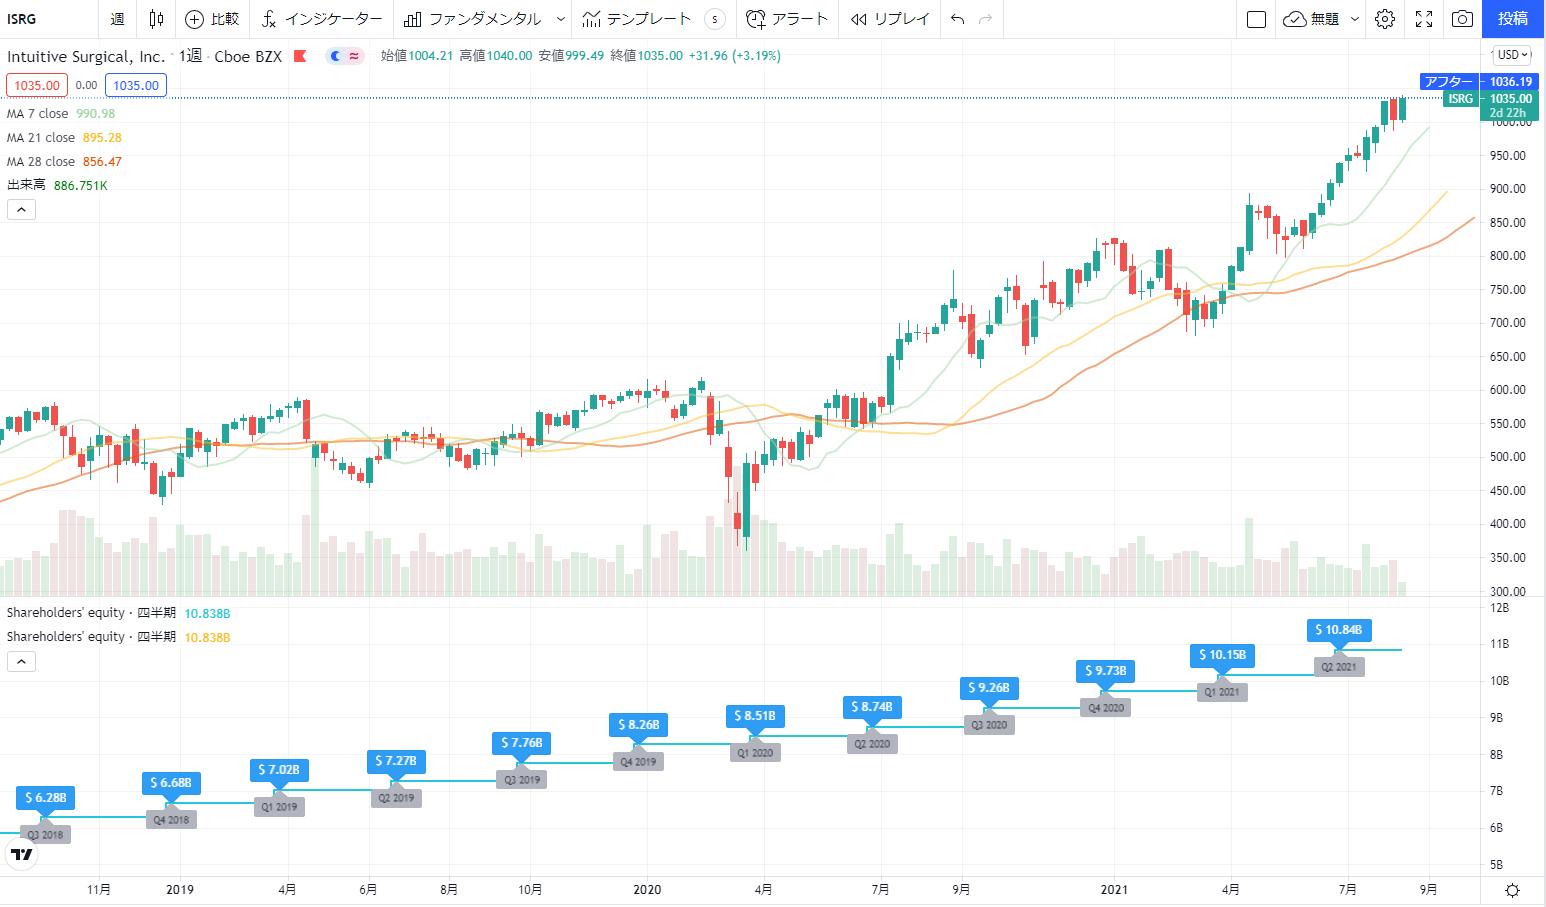 インテュイティブサージカルIntuitiveISRGの株価チャート(日足)